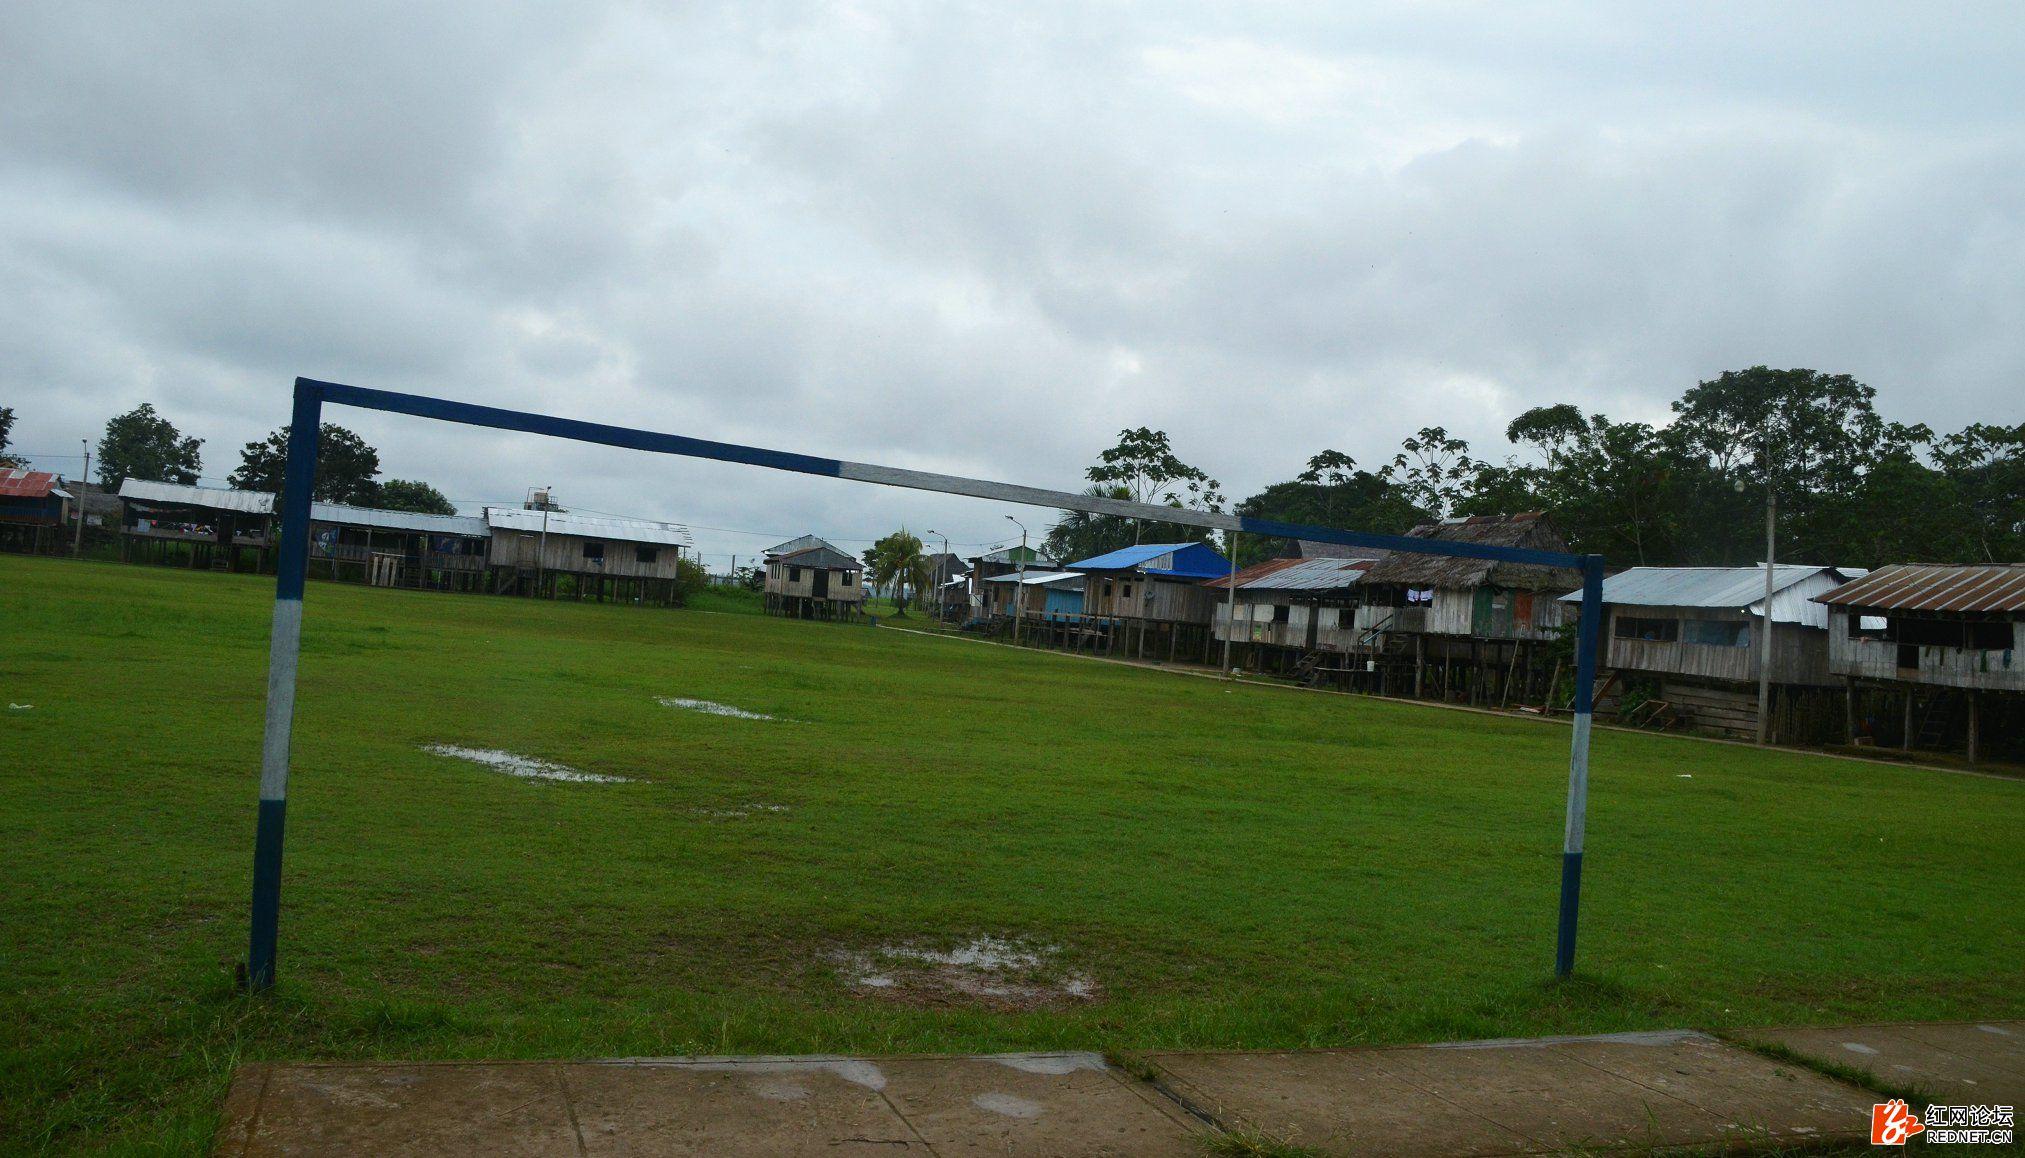 3伊基托斯亚马逊河551.JPG